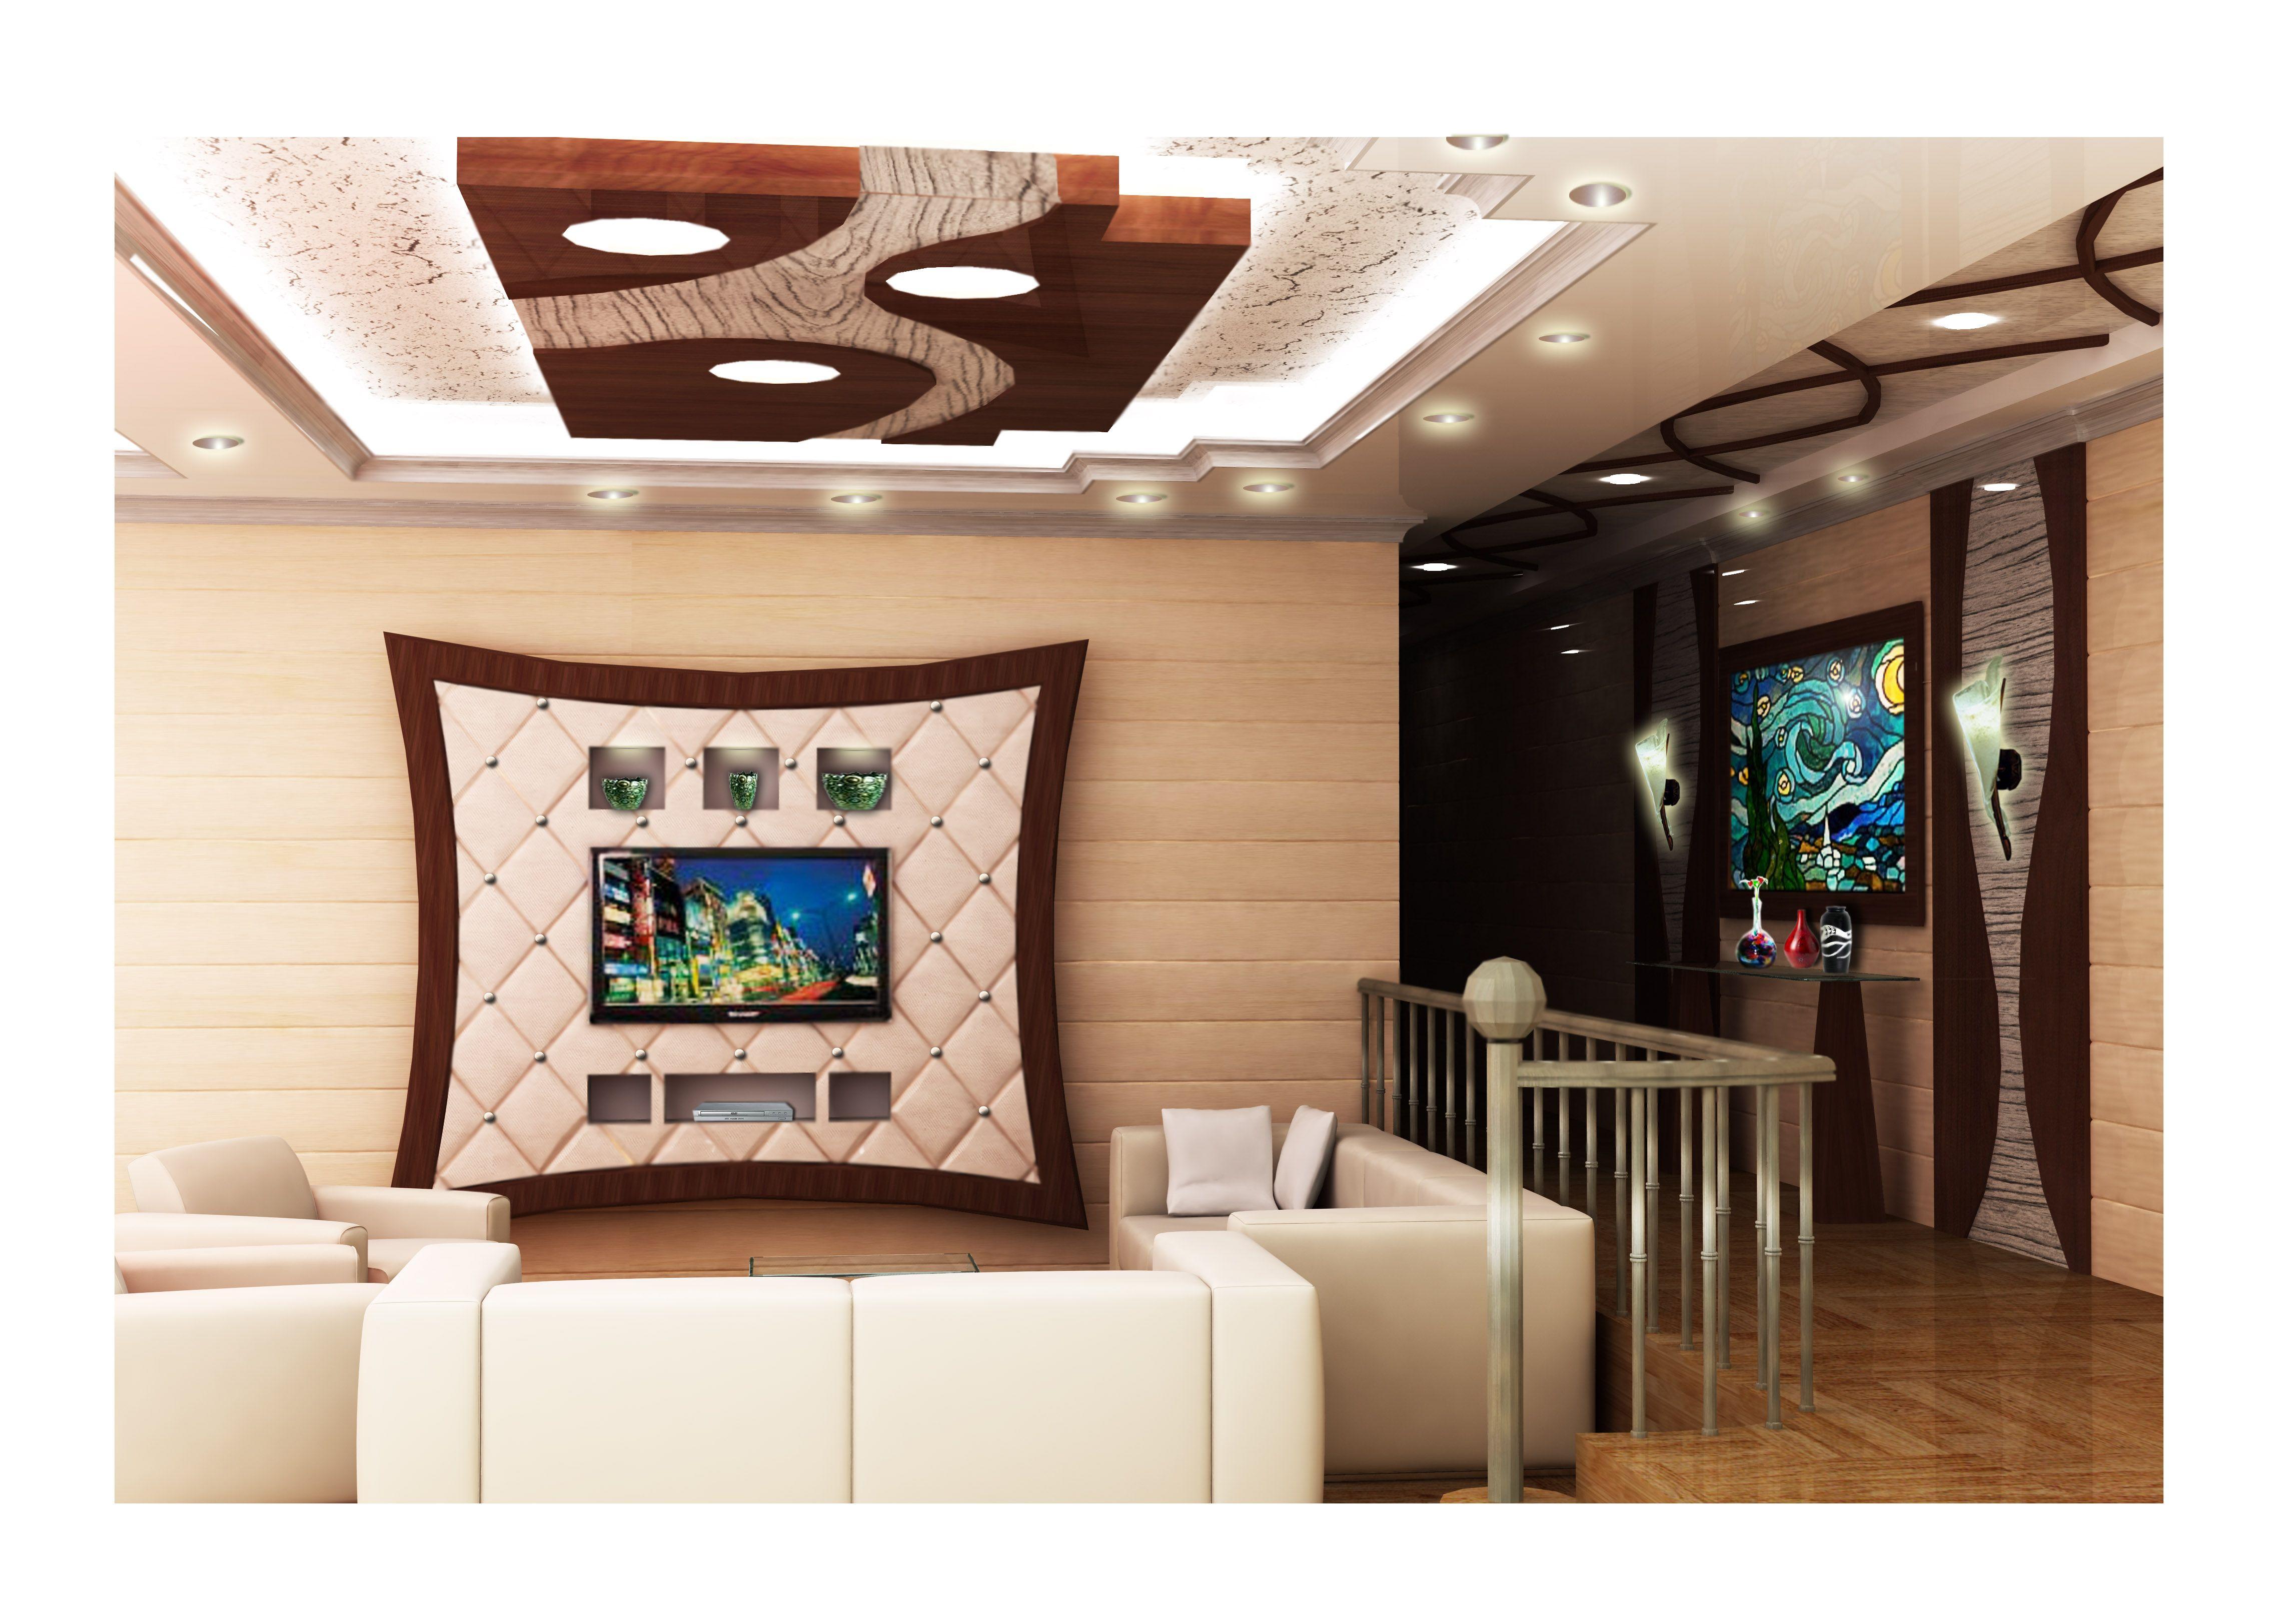 Furniture Bait Al Joud Decor and Curtains Works Sharjah UAE | aryeb ...